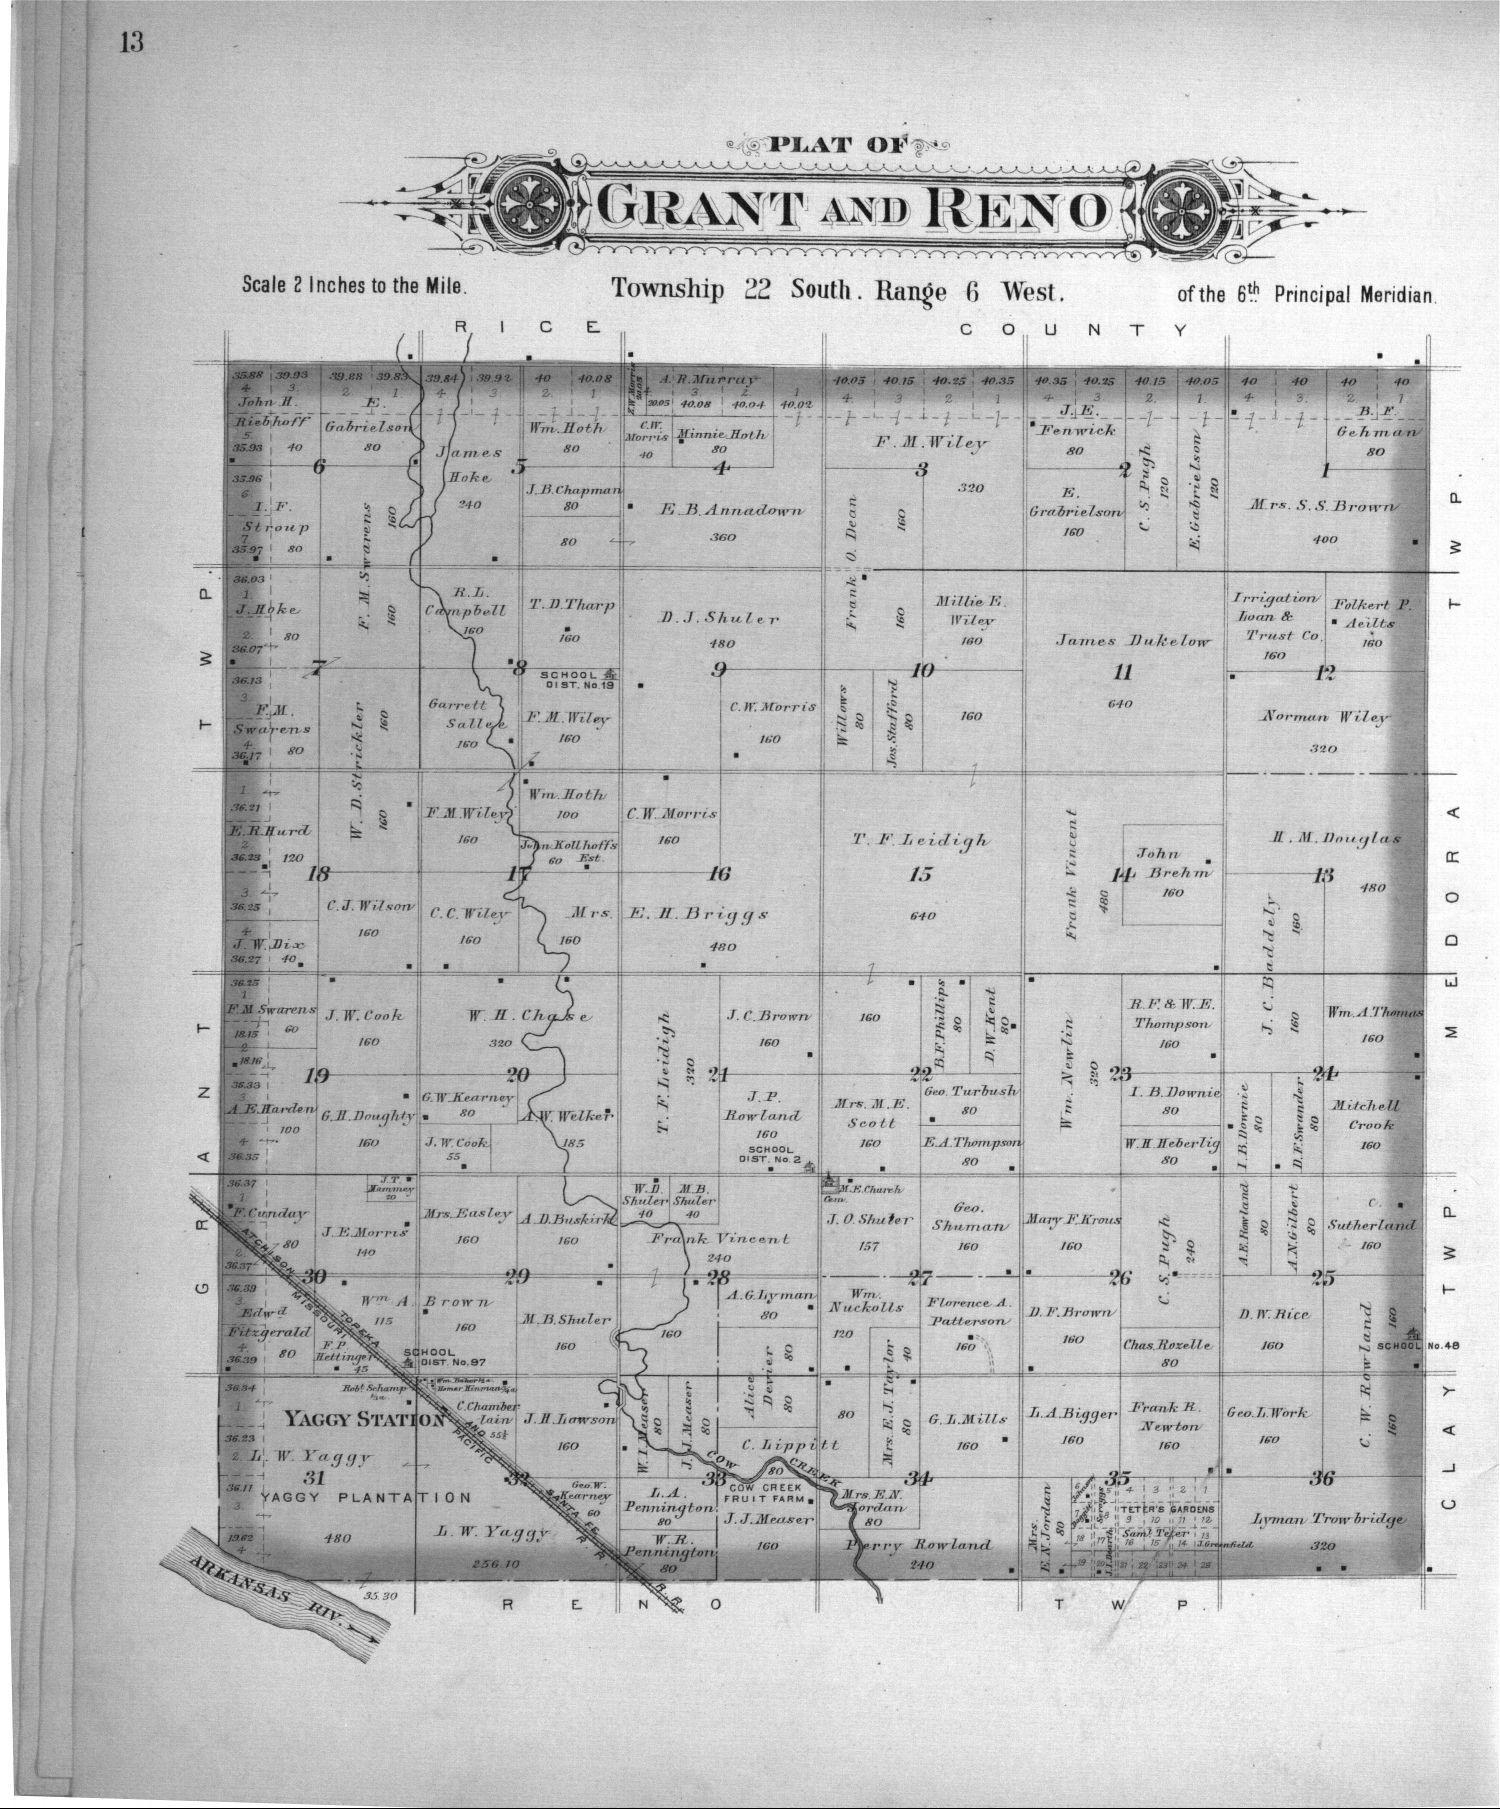 Plat book of Reno County, Kansas - 13